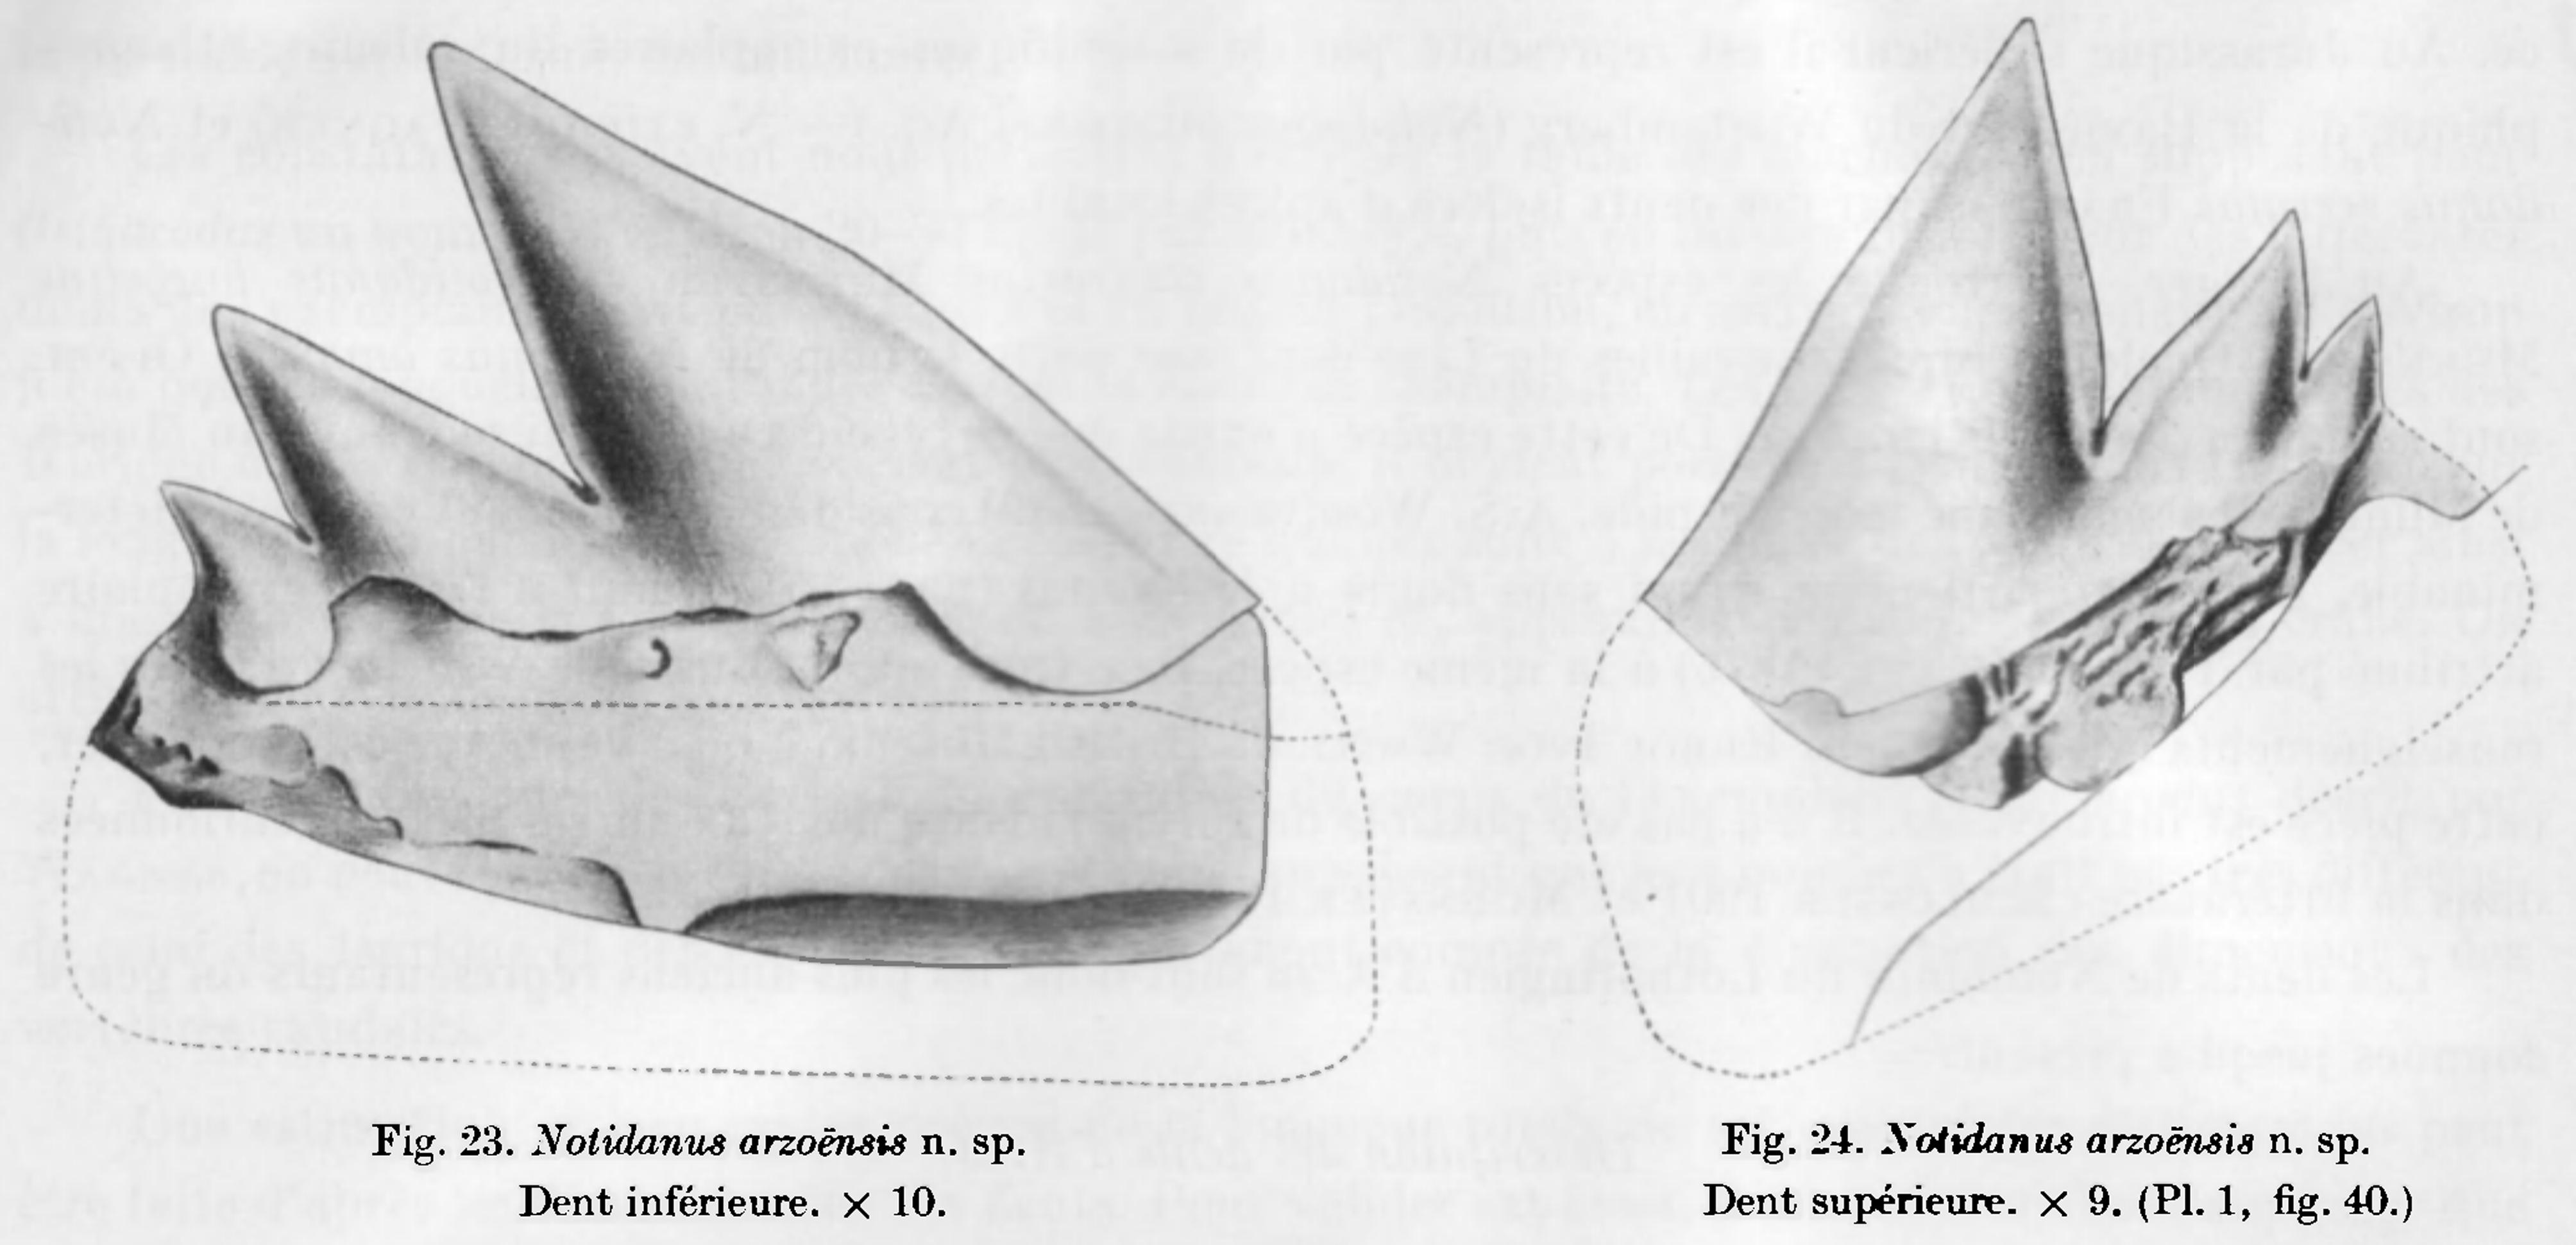 hexanchus_arzoensis.jpg